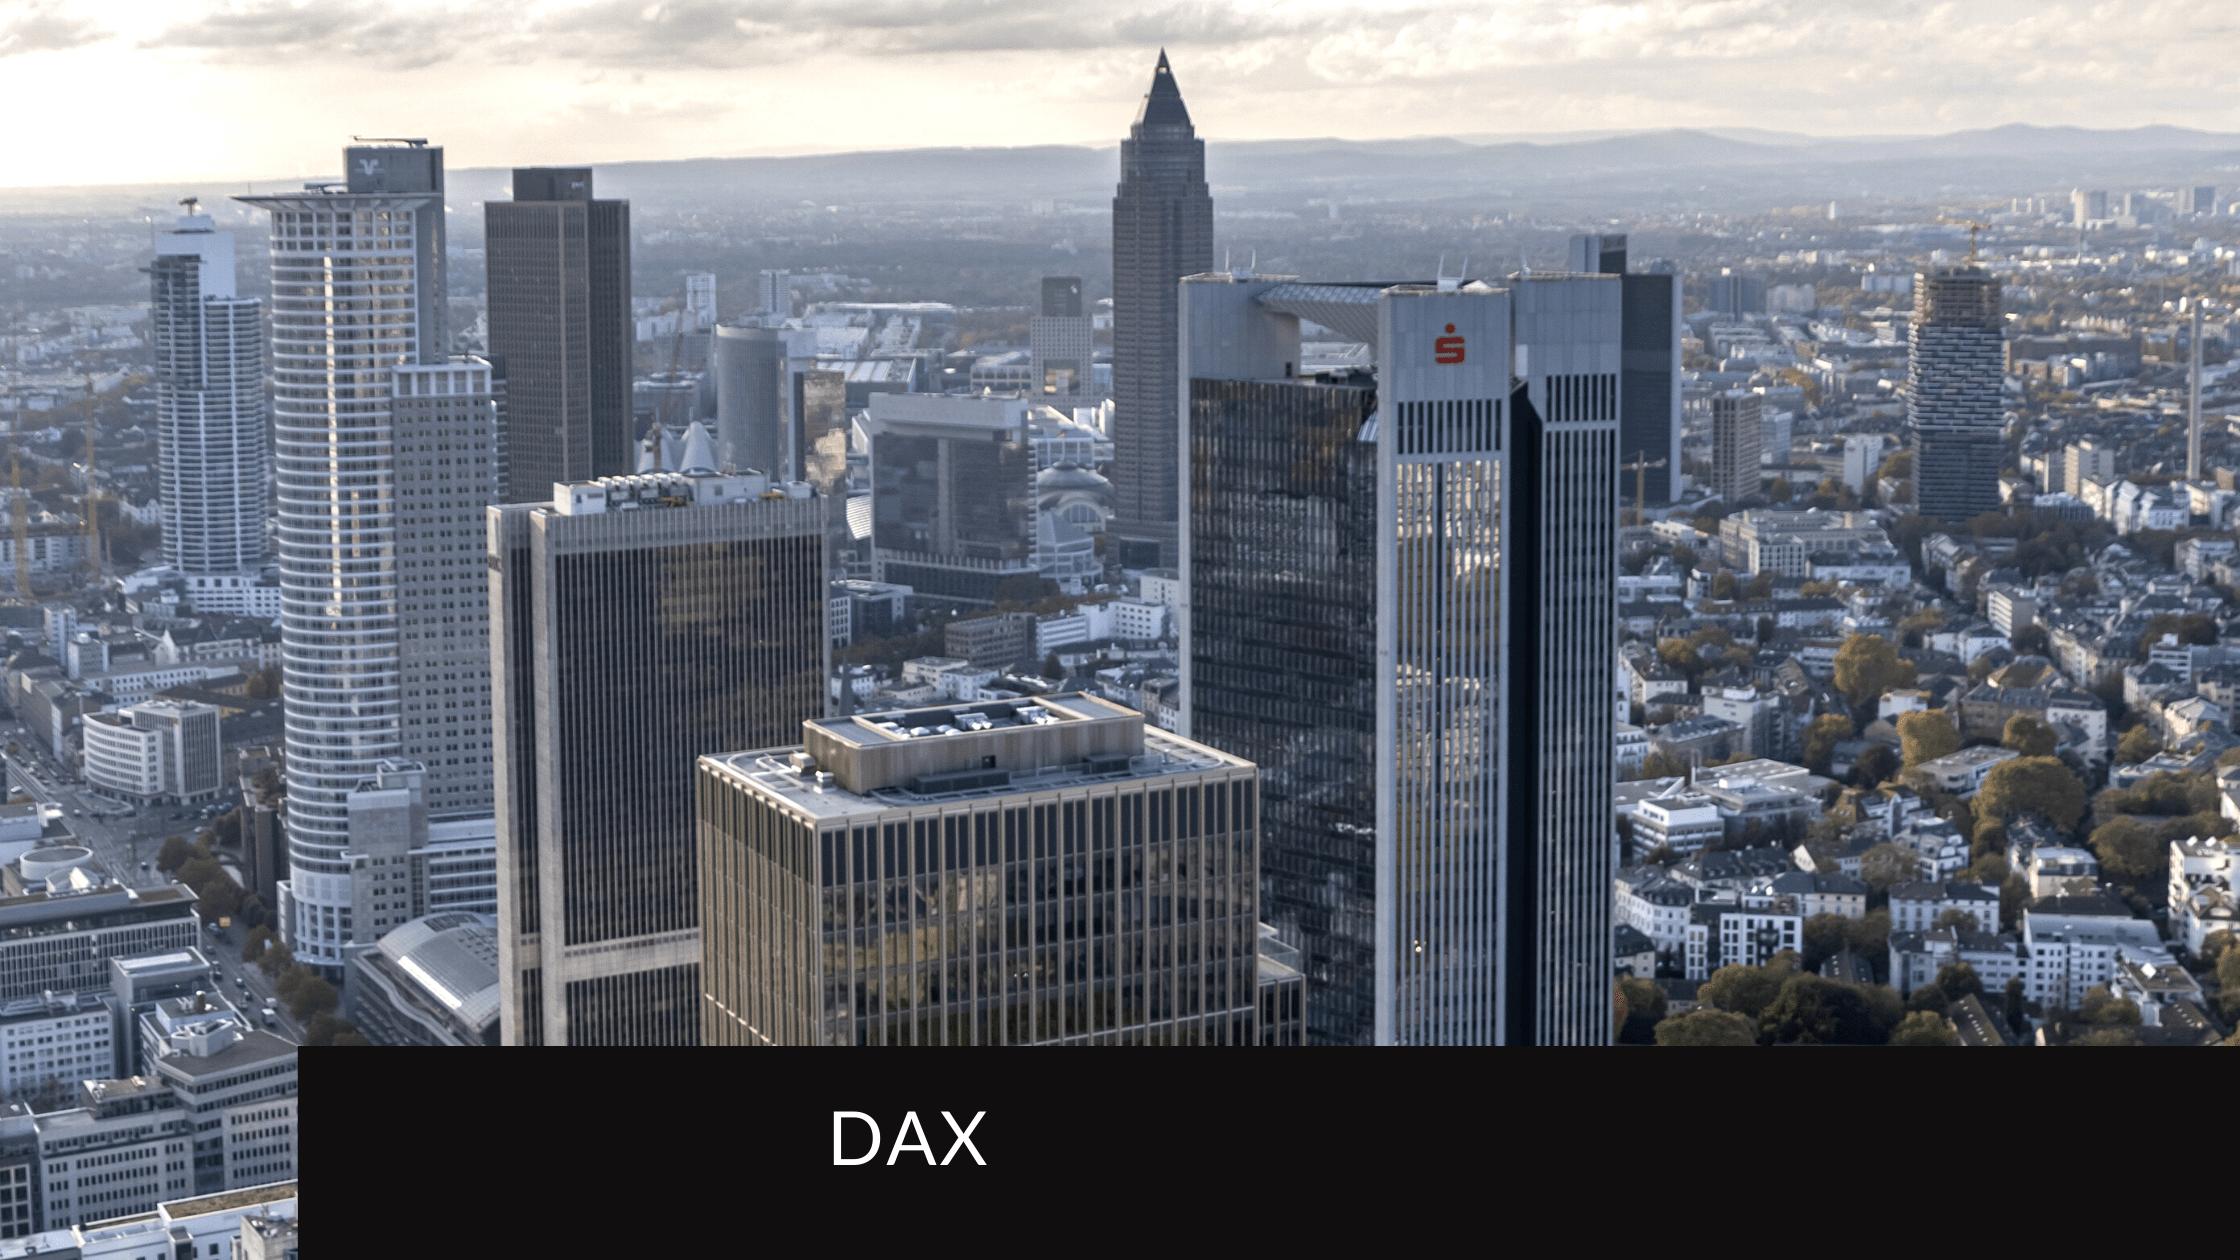 DAX Analyse - KW 13/14